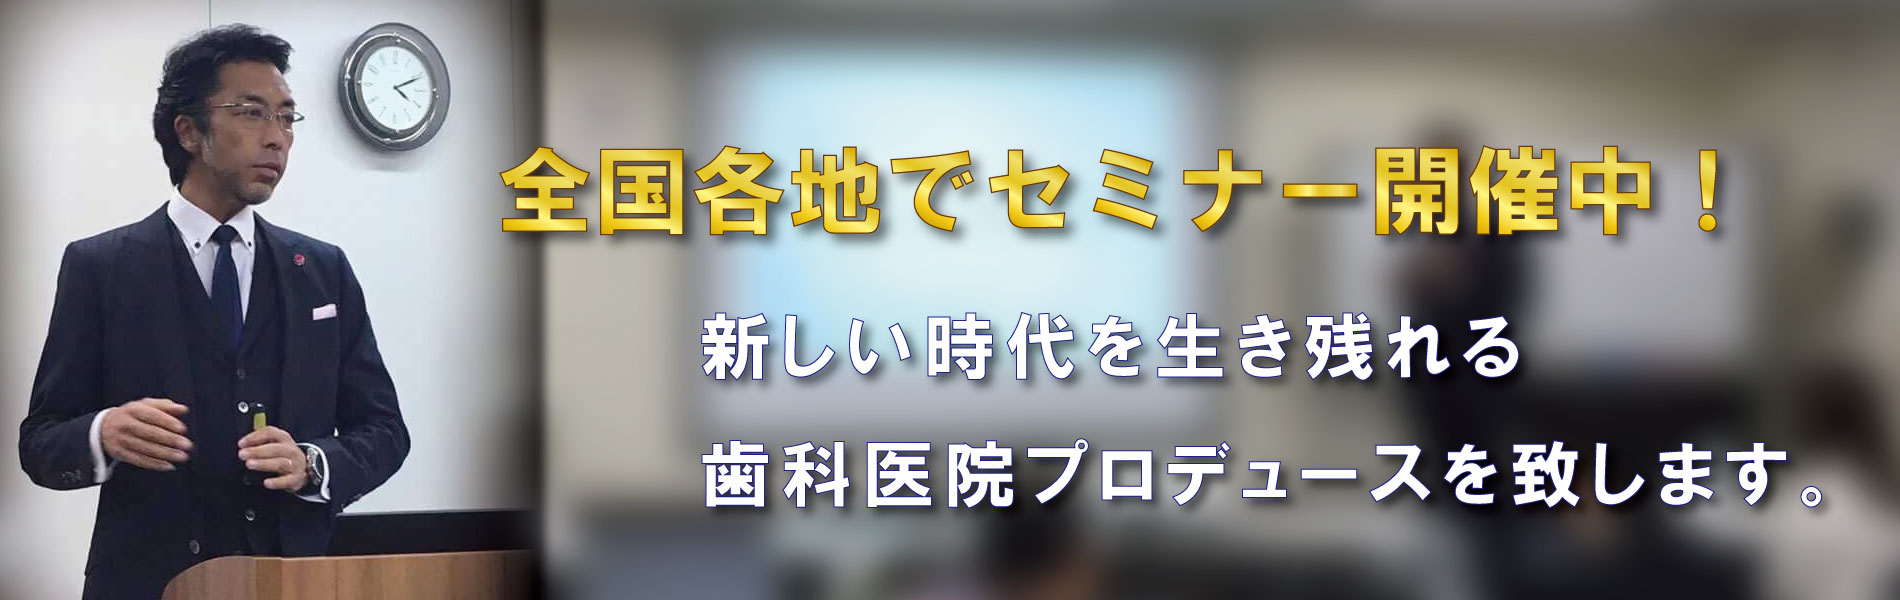 西尾秀俊がセミナー開催中!生き残れる歯科医院をプロデュースします。